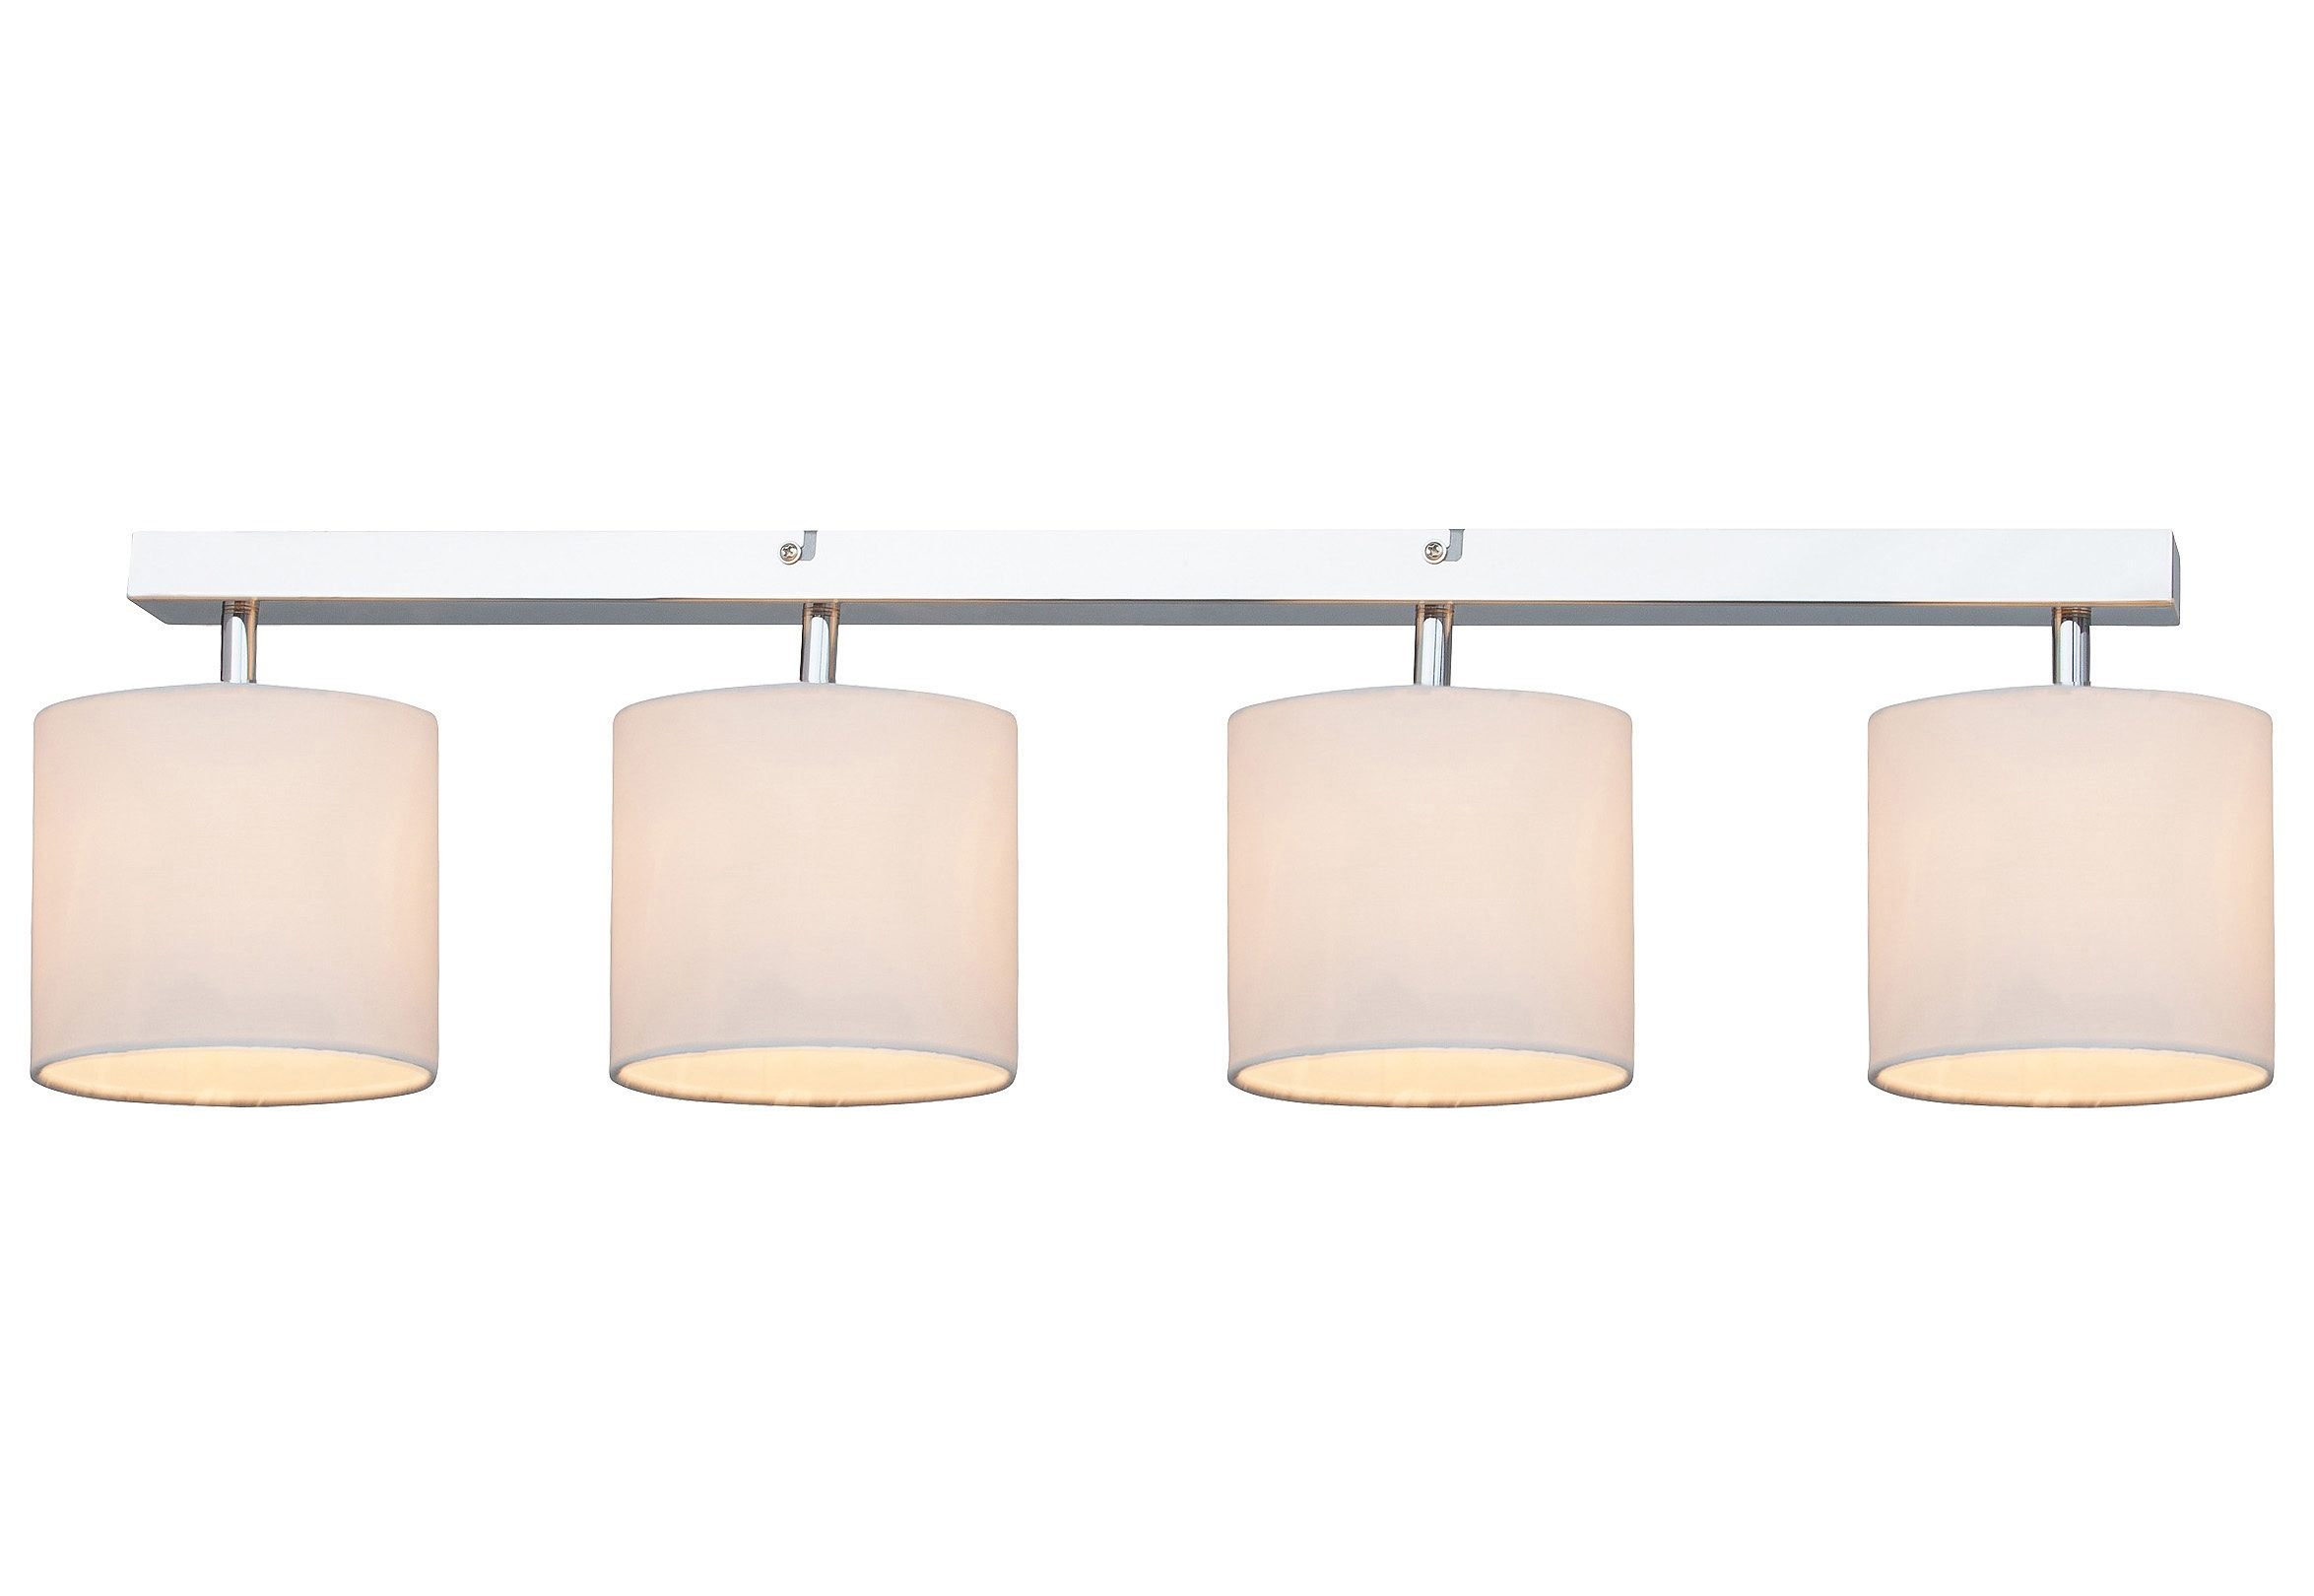 Deckenlampe Brilliant Leuchten online kaufen  OTTO